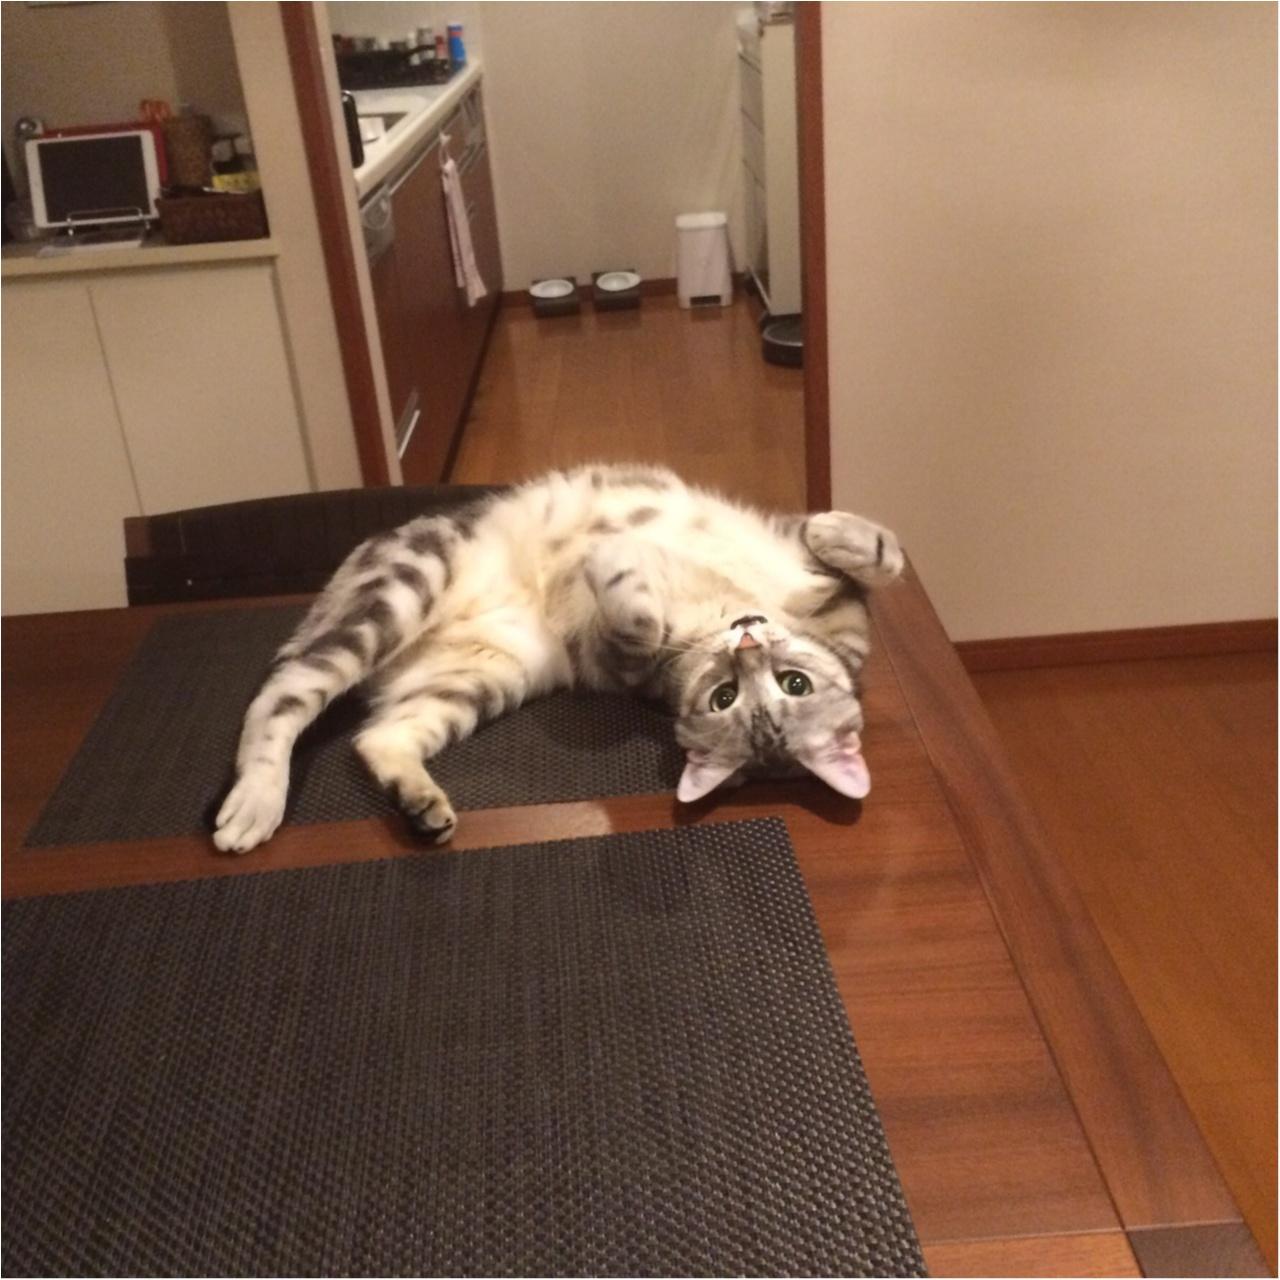 【今日のにゃんこ】ごろりん~! アランくんがテーブルでごろごろしてる理由って?_1